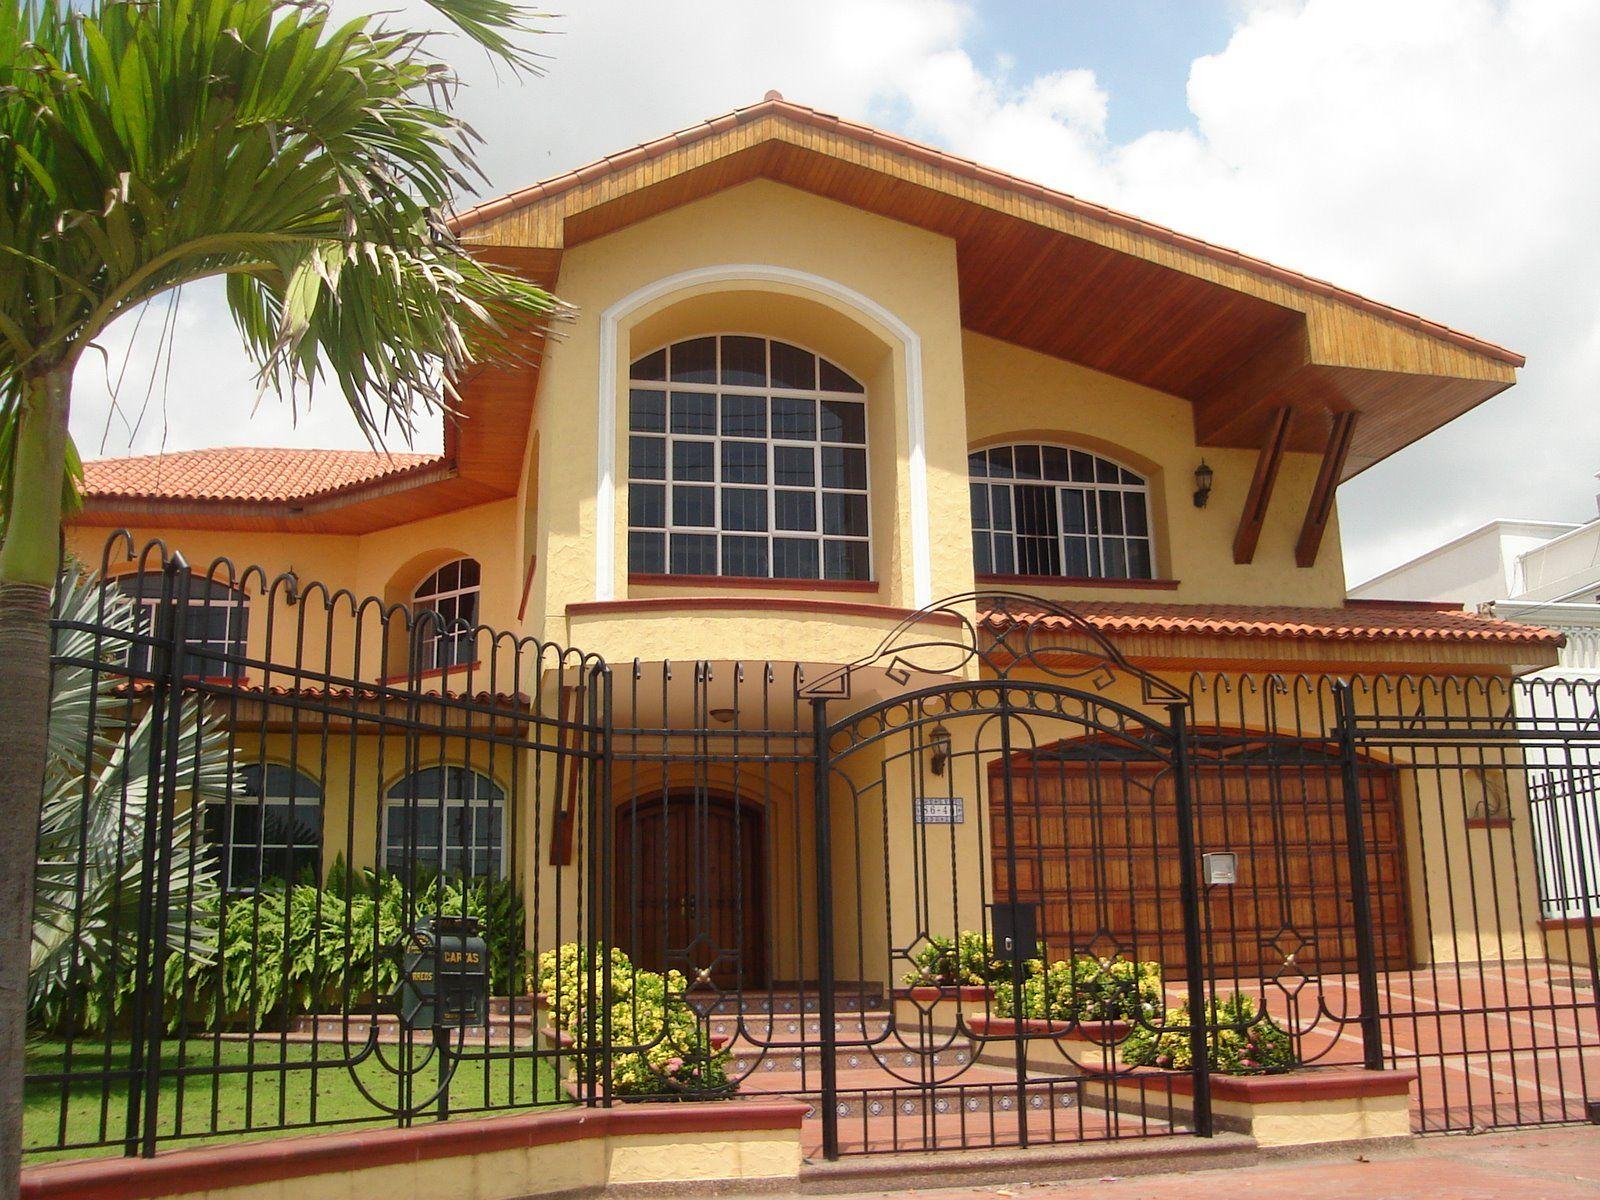 Plan de viviendas villa soldati anotate quedan pocas for Casas modernas pintadas